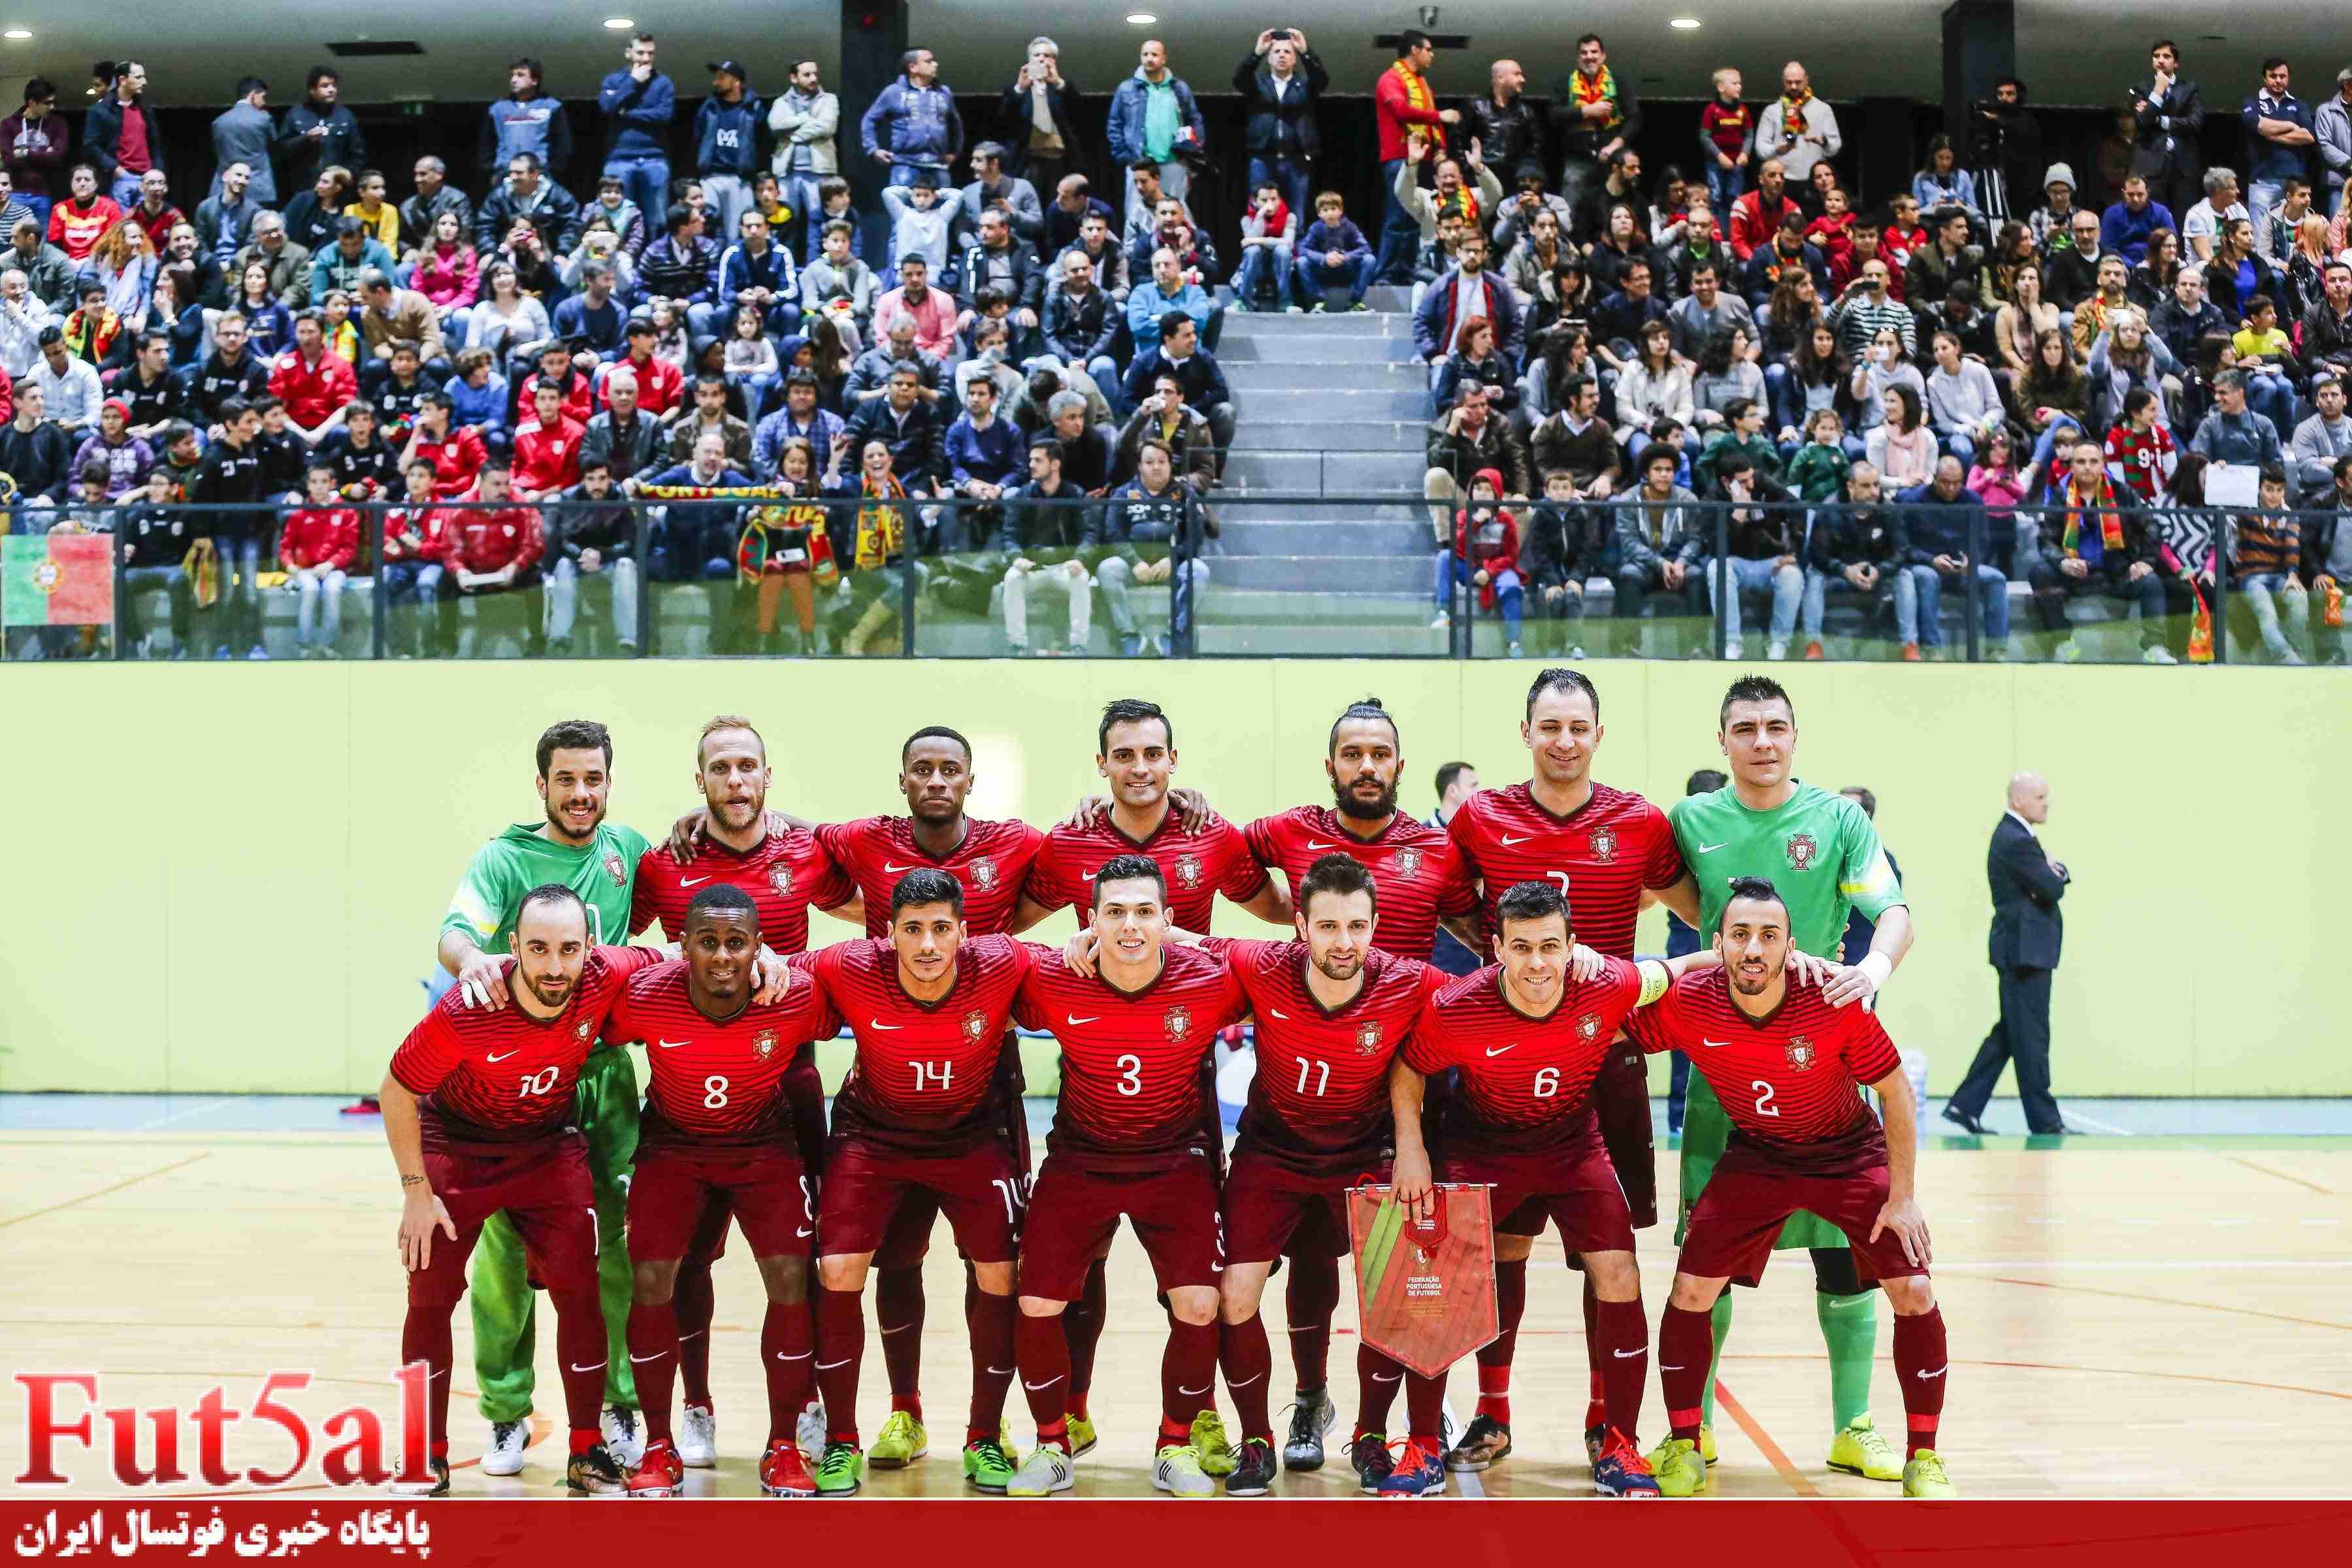 ۱۴ بازیکن به تیم ملی پرتغال دعوت شدند / حضور مجدد ریکاردینو در فهرست براز